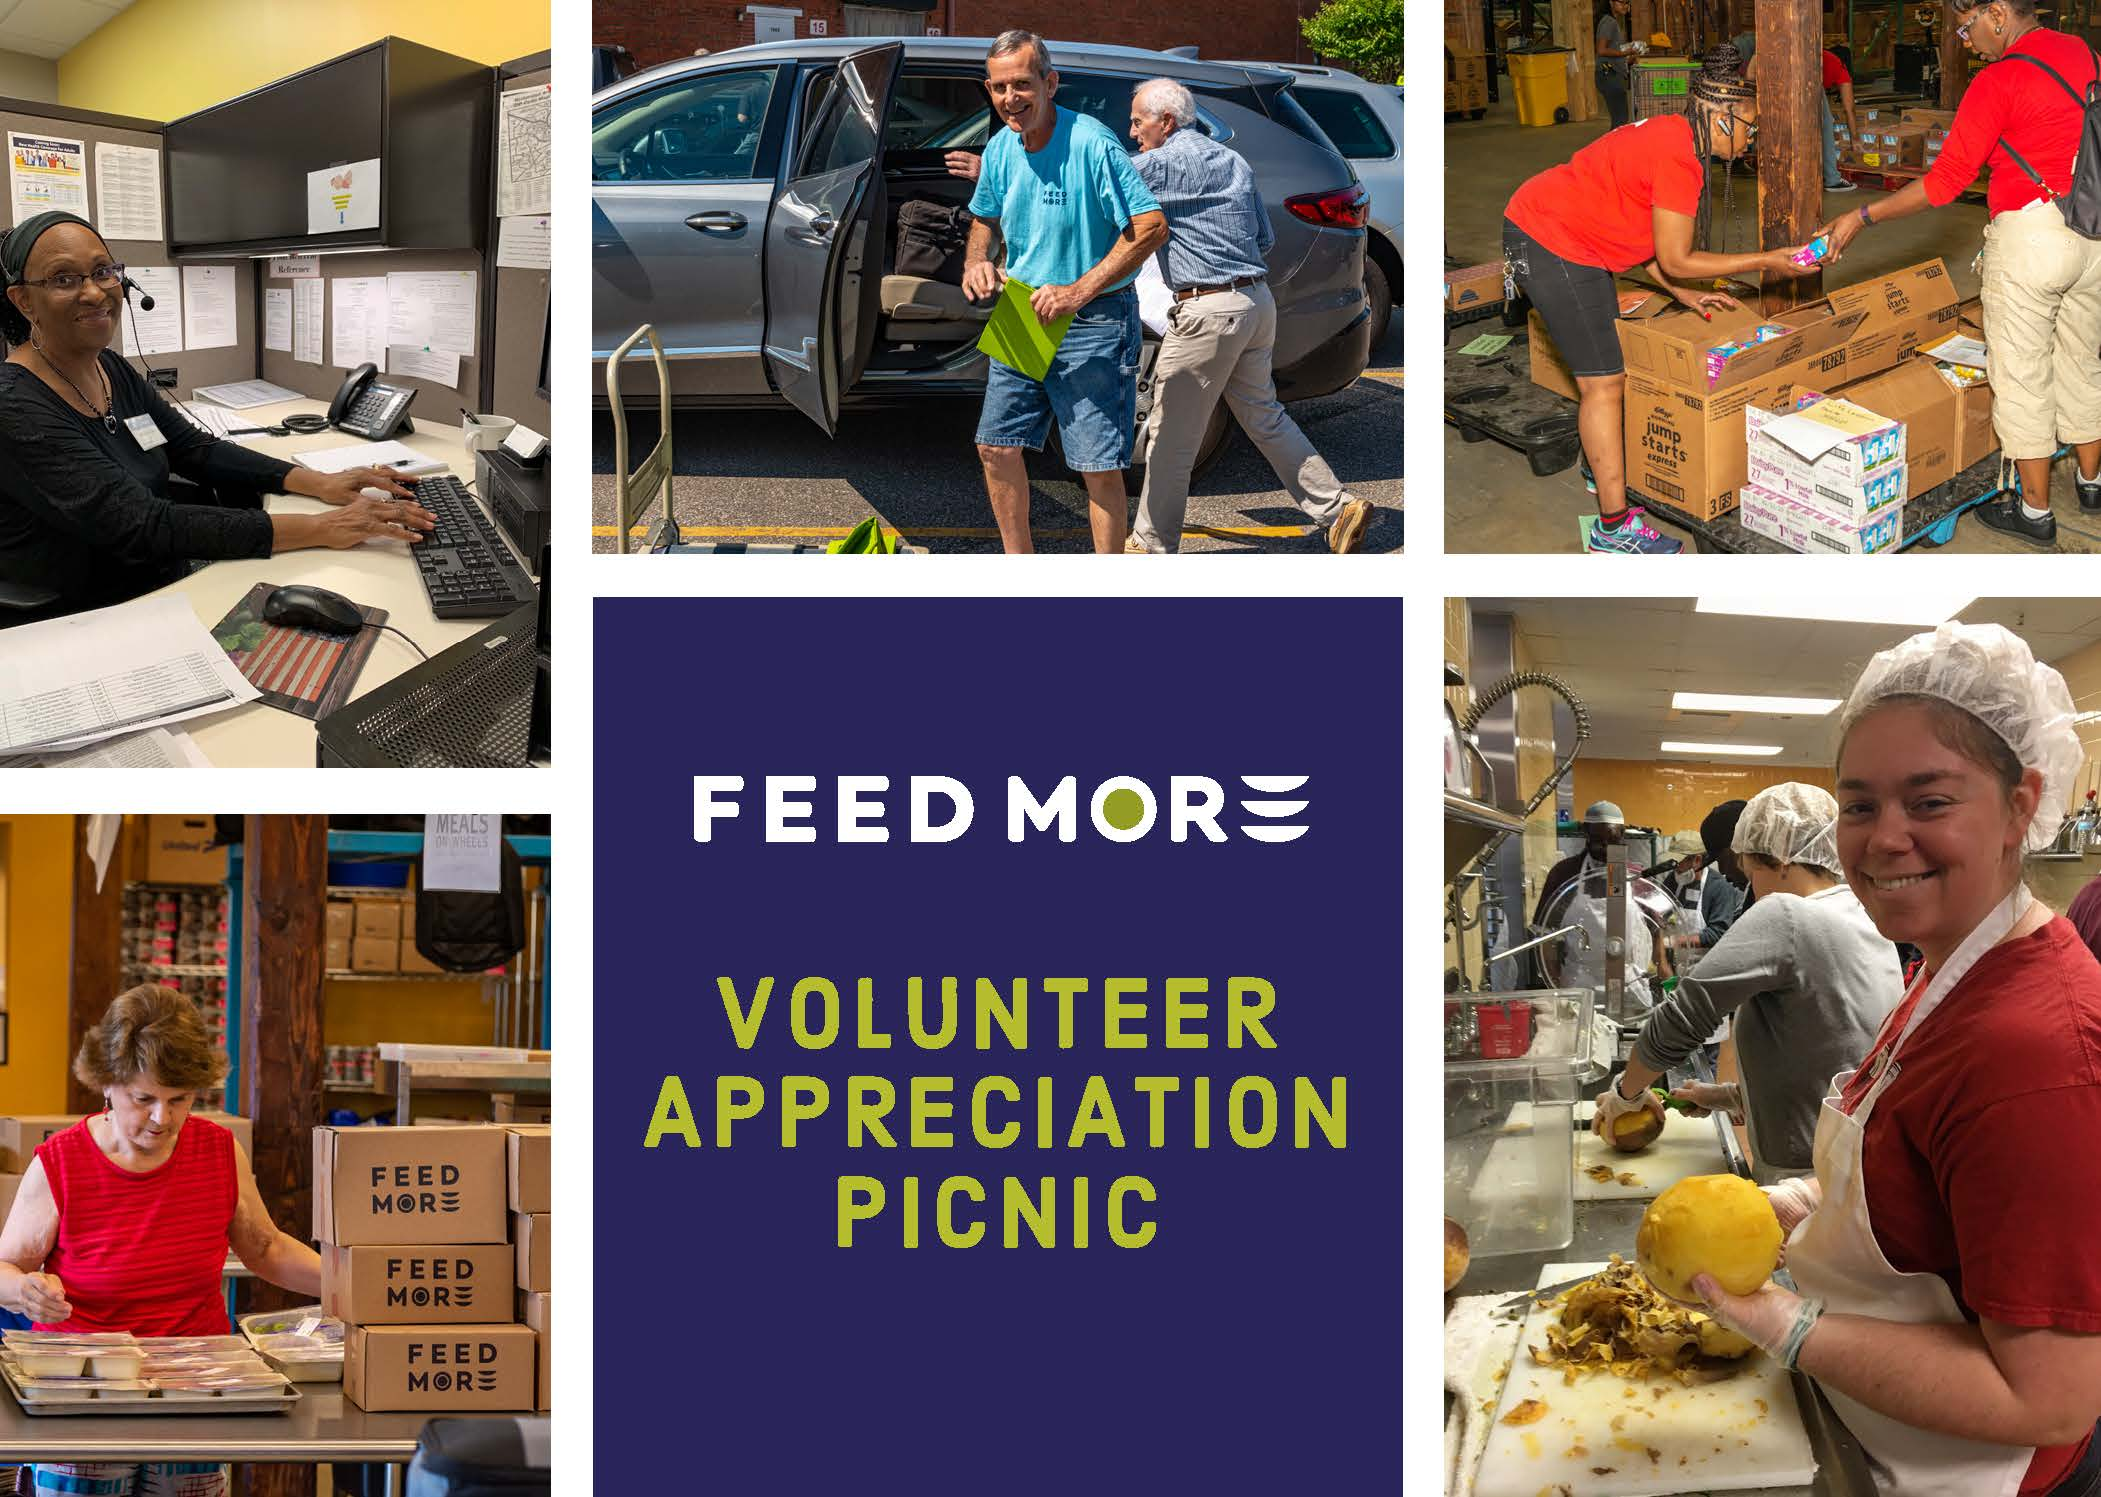 Feed More Volunteer Appreciation Picnic 2019